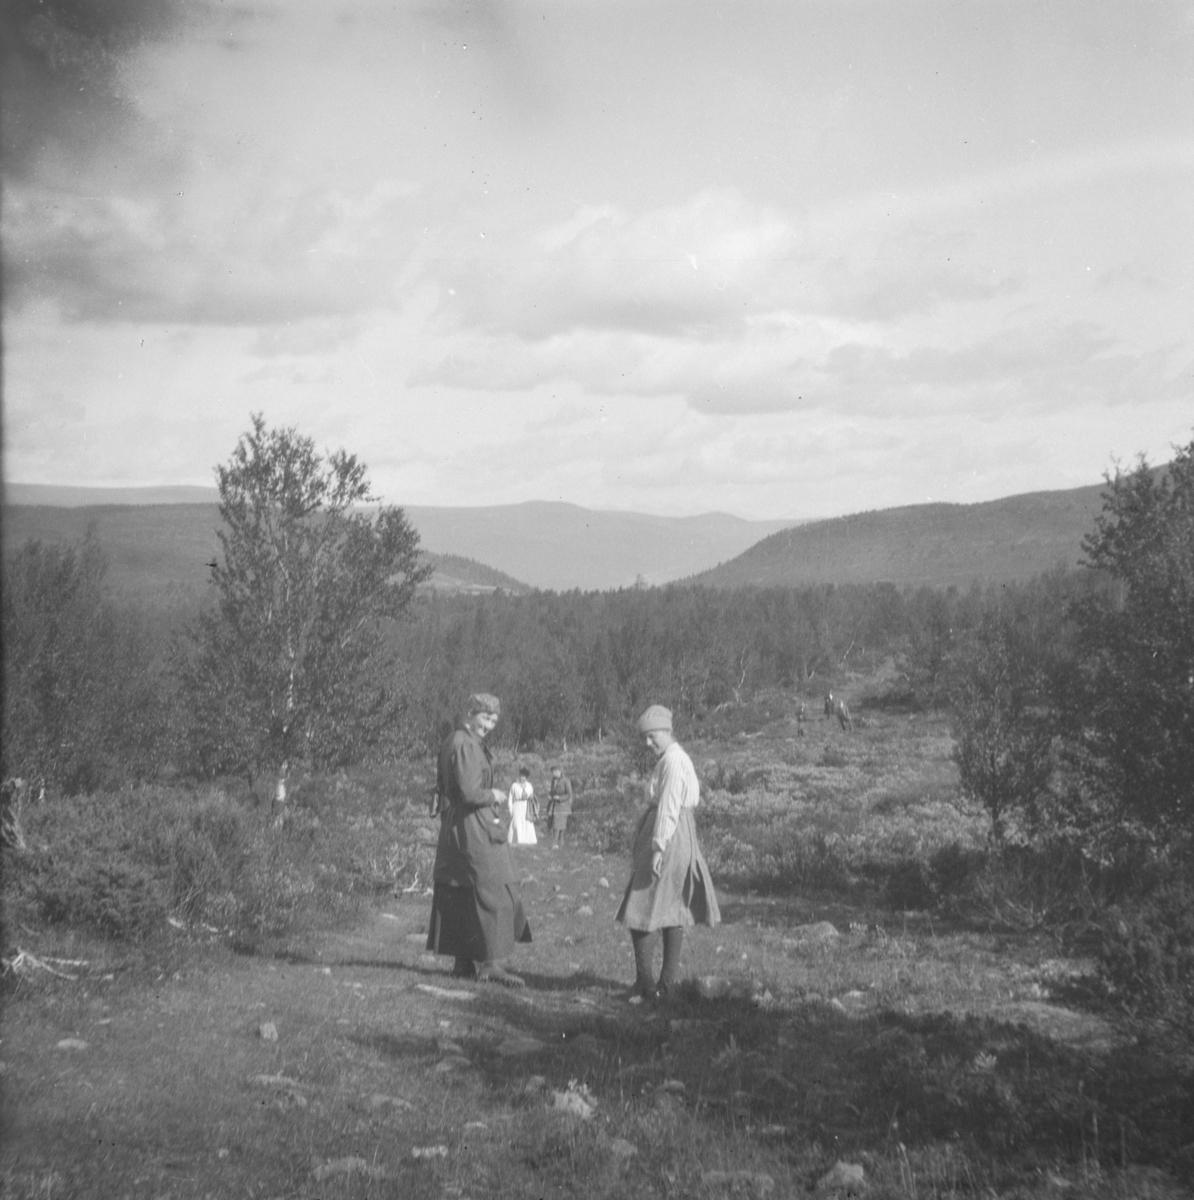 Kvinner på tur i fjellet.